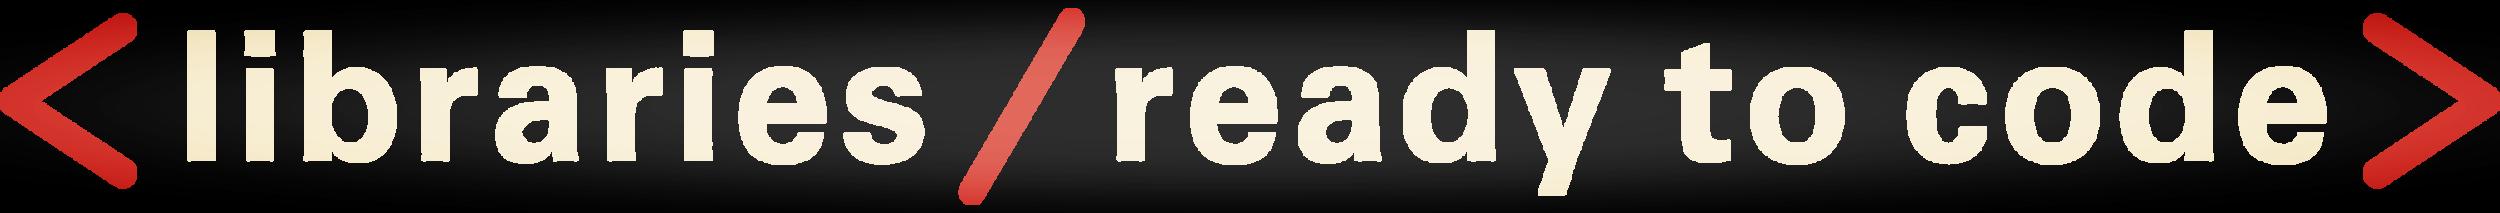 rtc_logo_type2.png